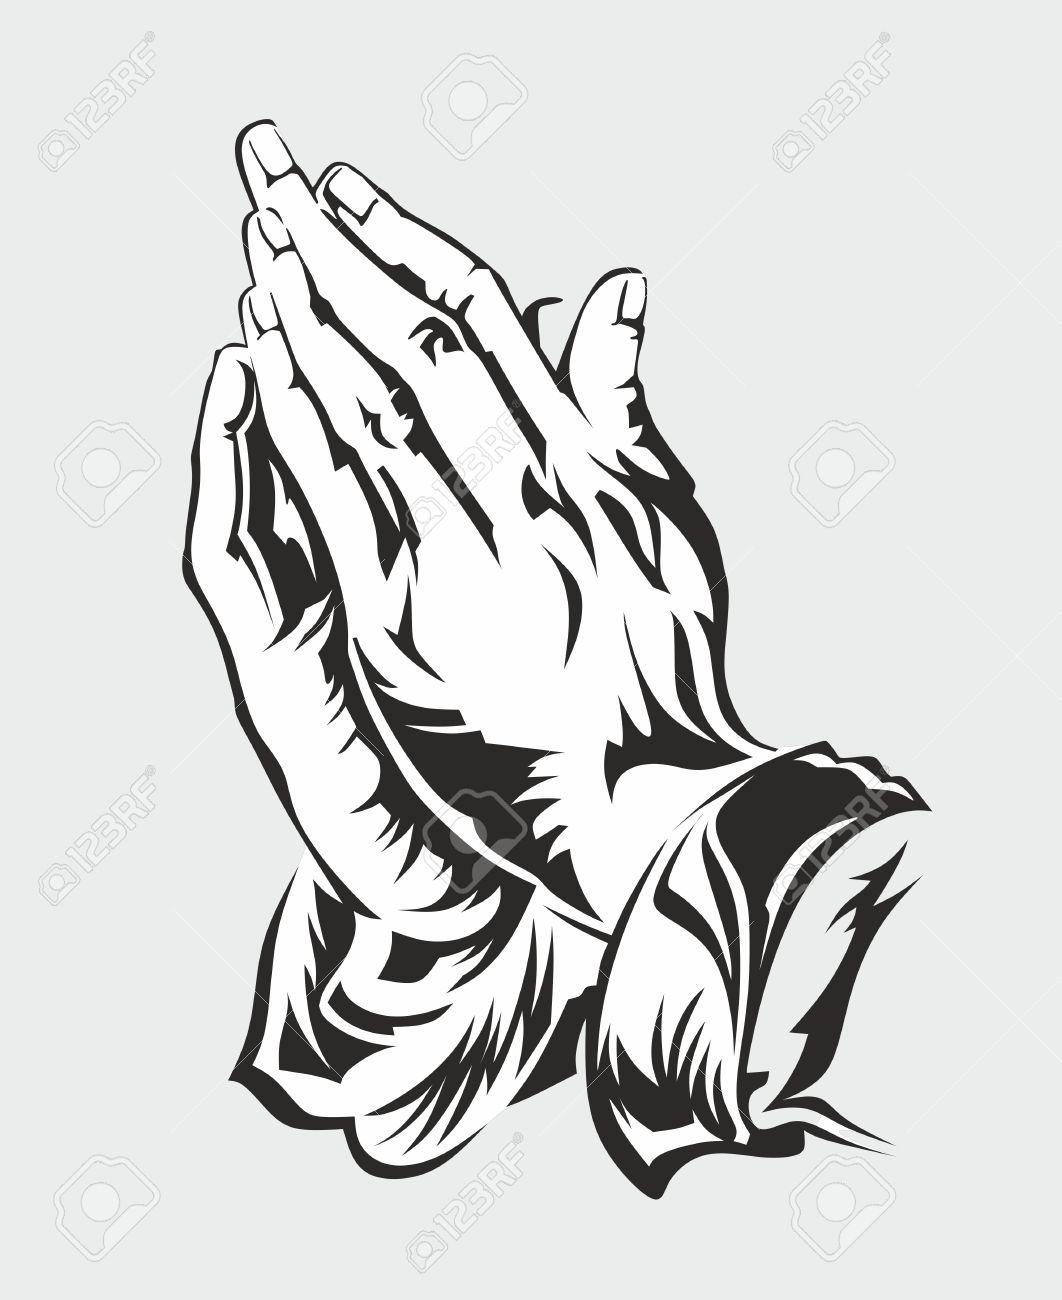 Ilustración De Fondo De Manos Orando Por Duerer Fotos Retratos